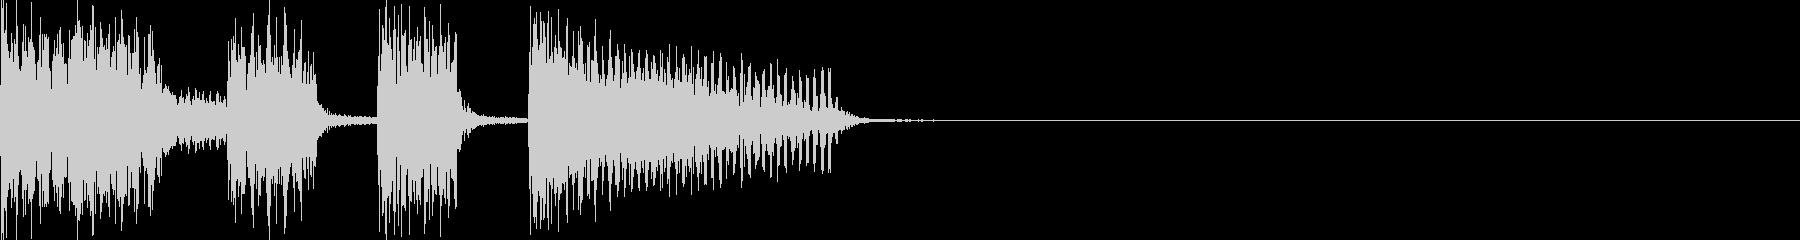 ジングル・ギターカッティングの未再生の波形